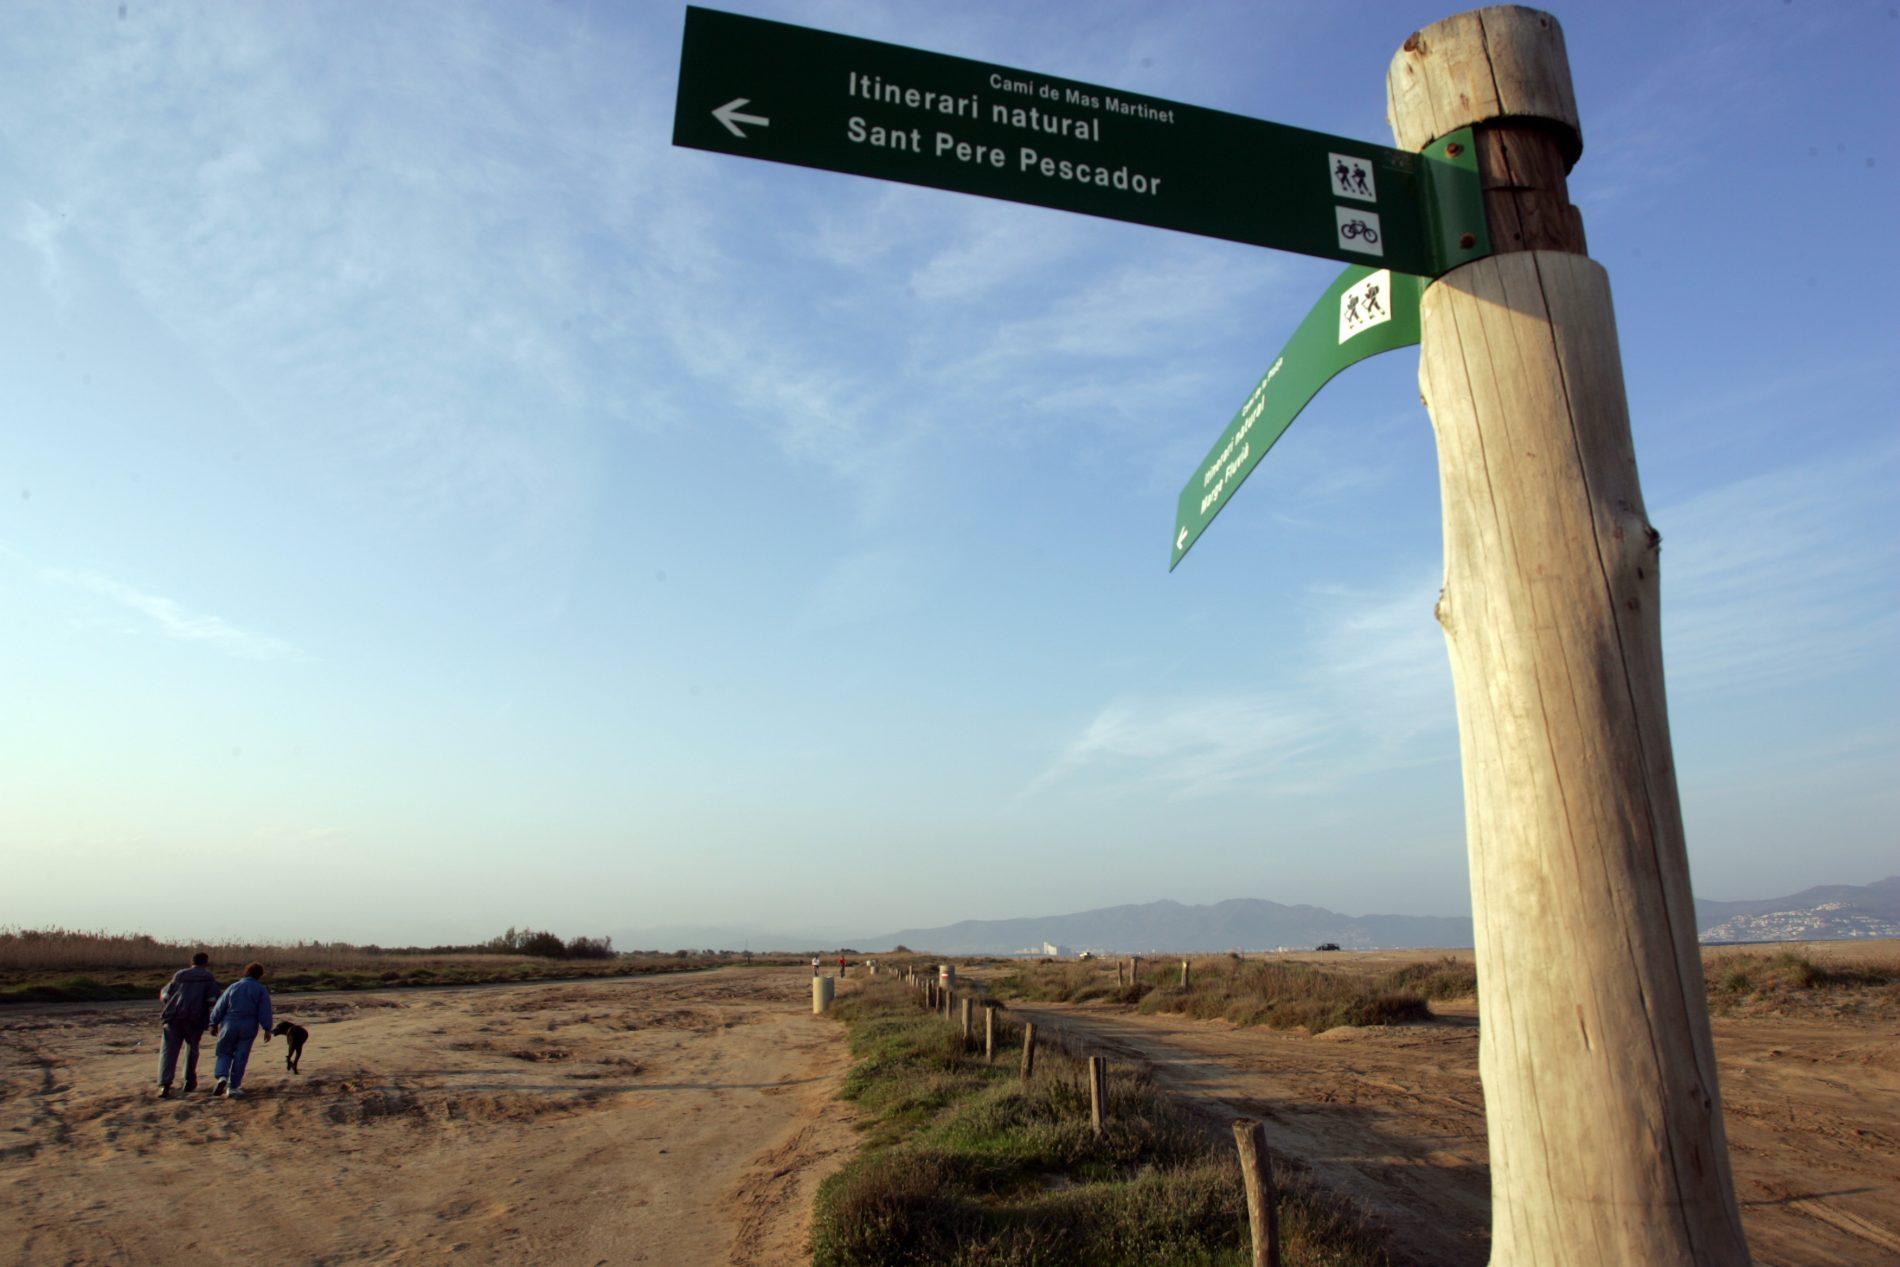 Señal itinerario ciclable Sant Pere Pescador